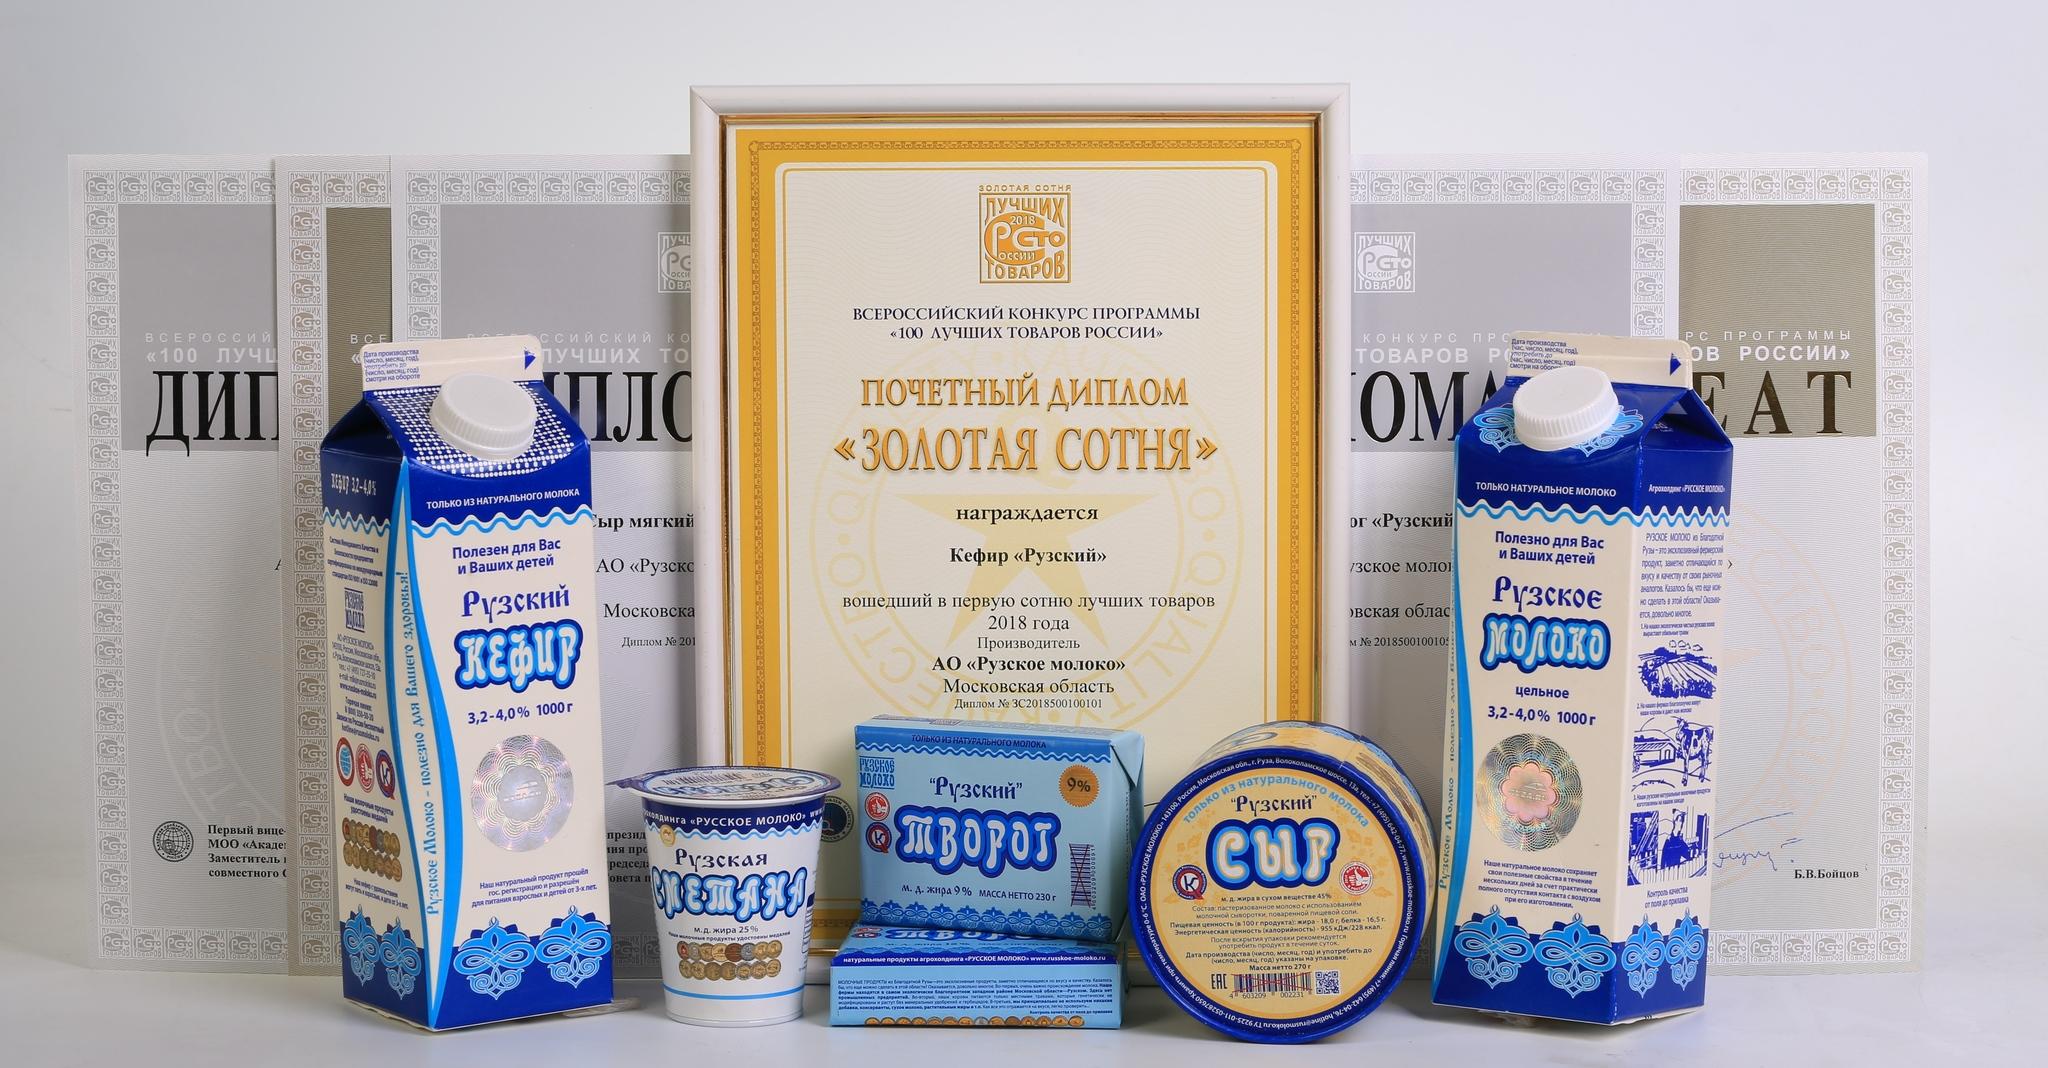 Награждение победителей Всероссийского конкурса Программы «100 лучших товаров России»